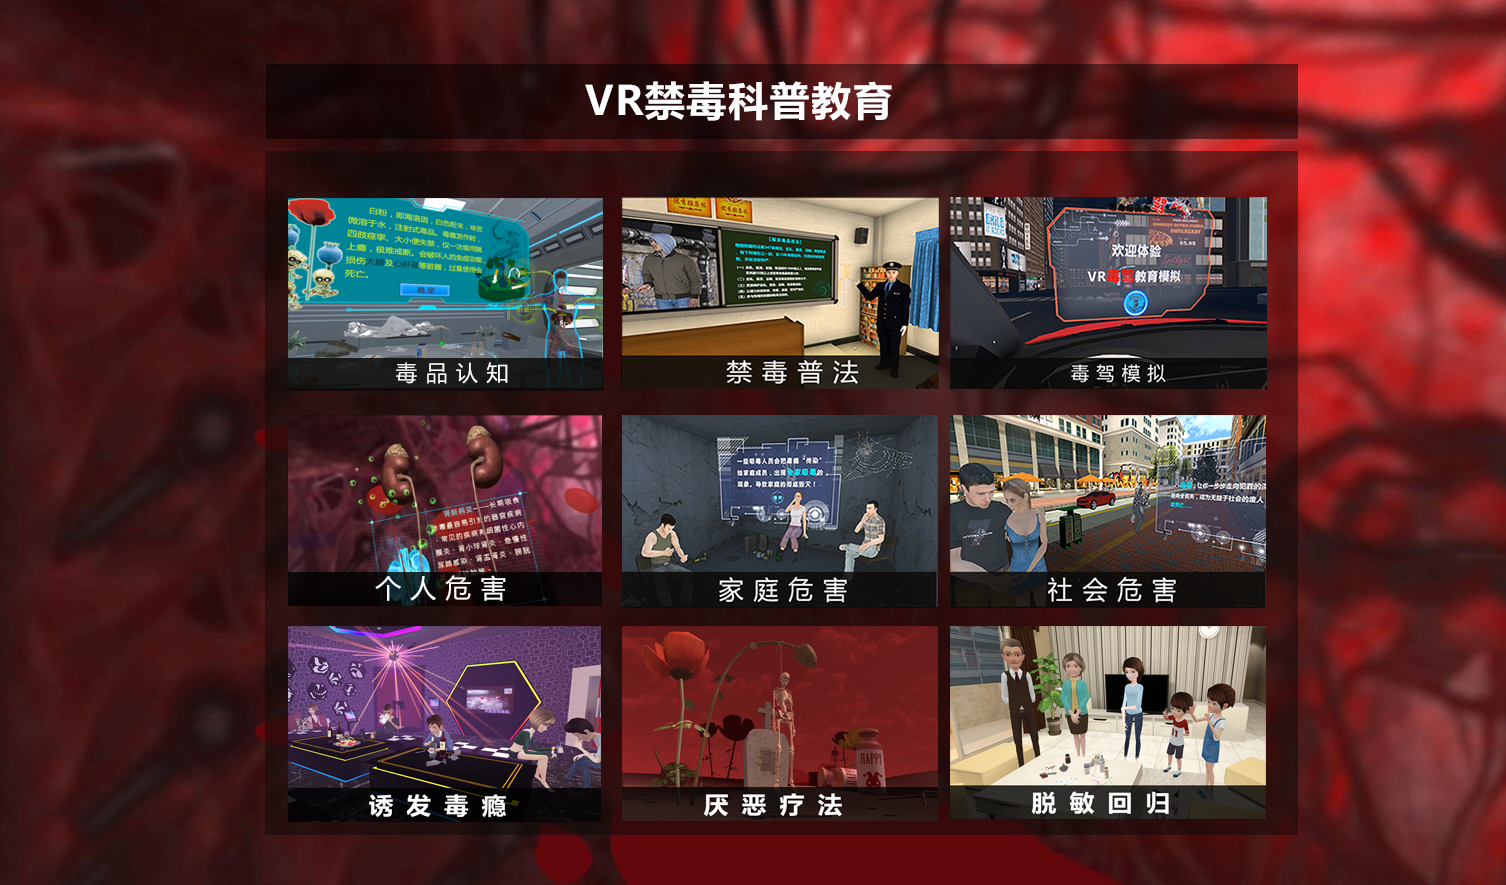 VR禁毒教育产品汇总